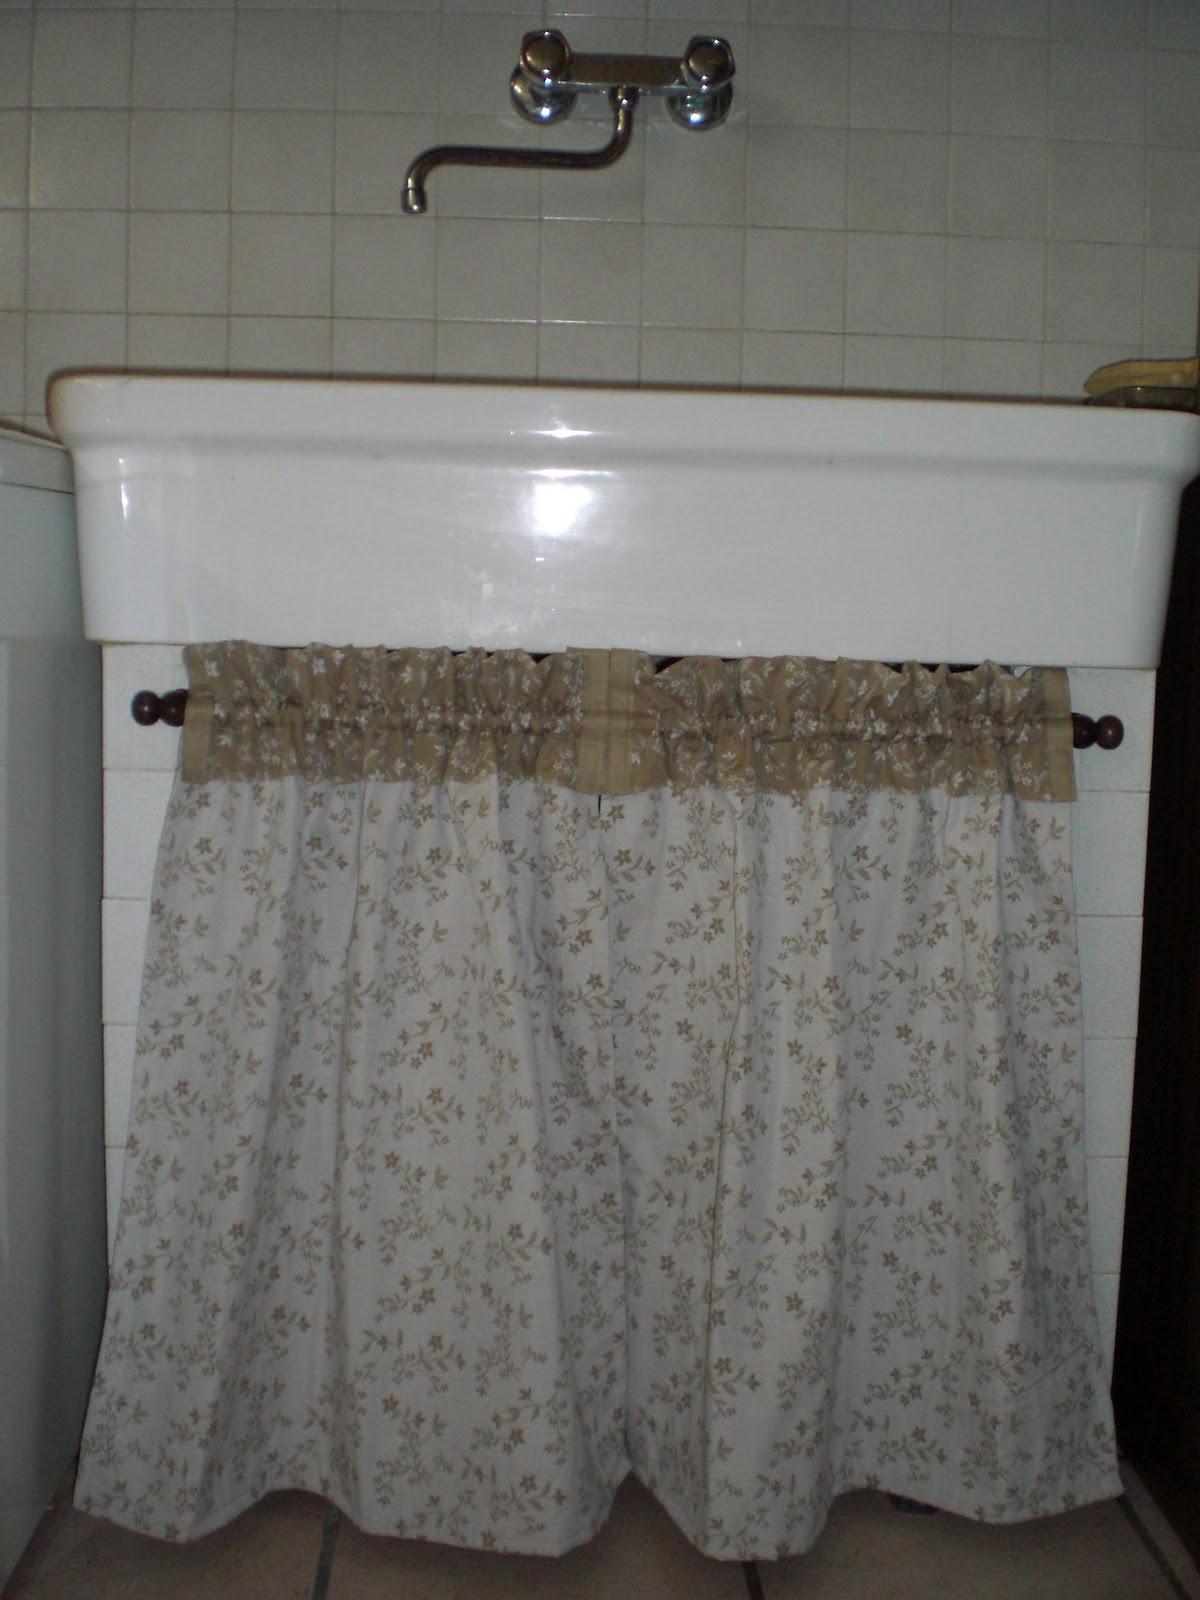 I sogni nel cassetto tendina sotto lavello